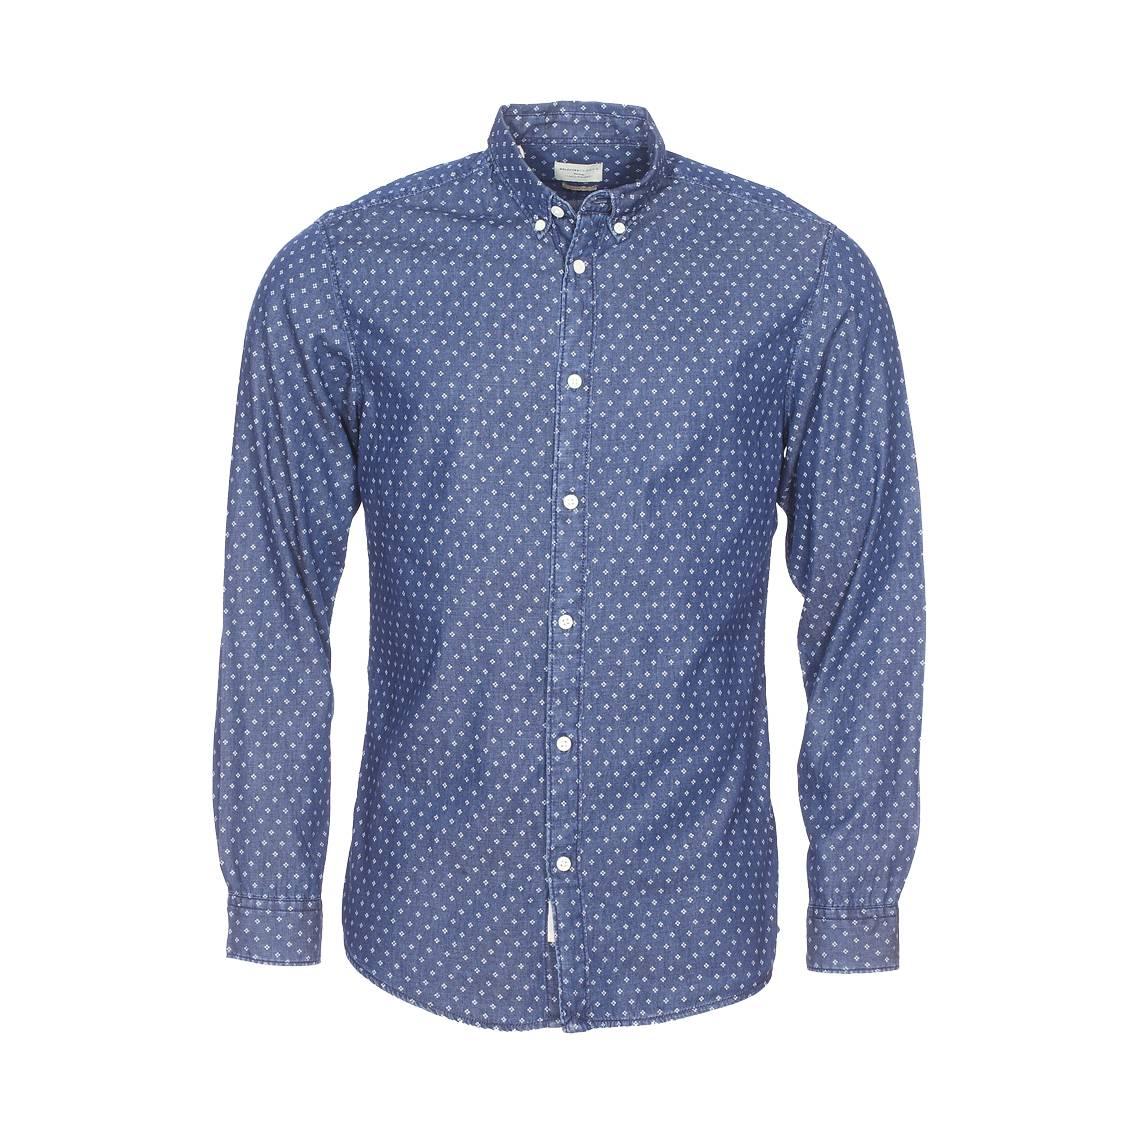 Chemise cintrée  bleu jean brut à motifs blancs